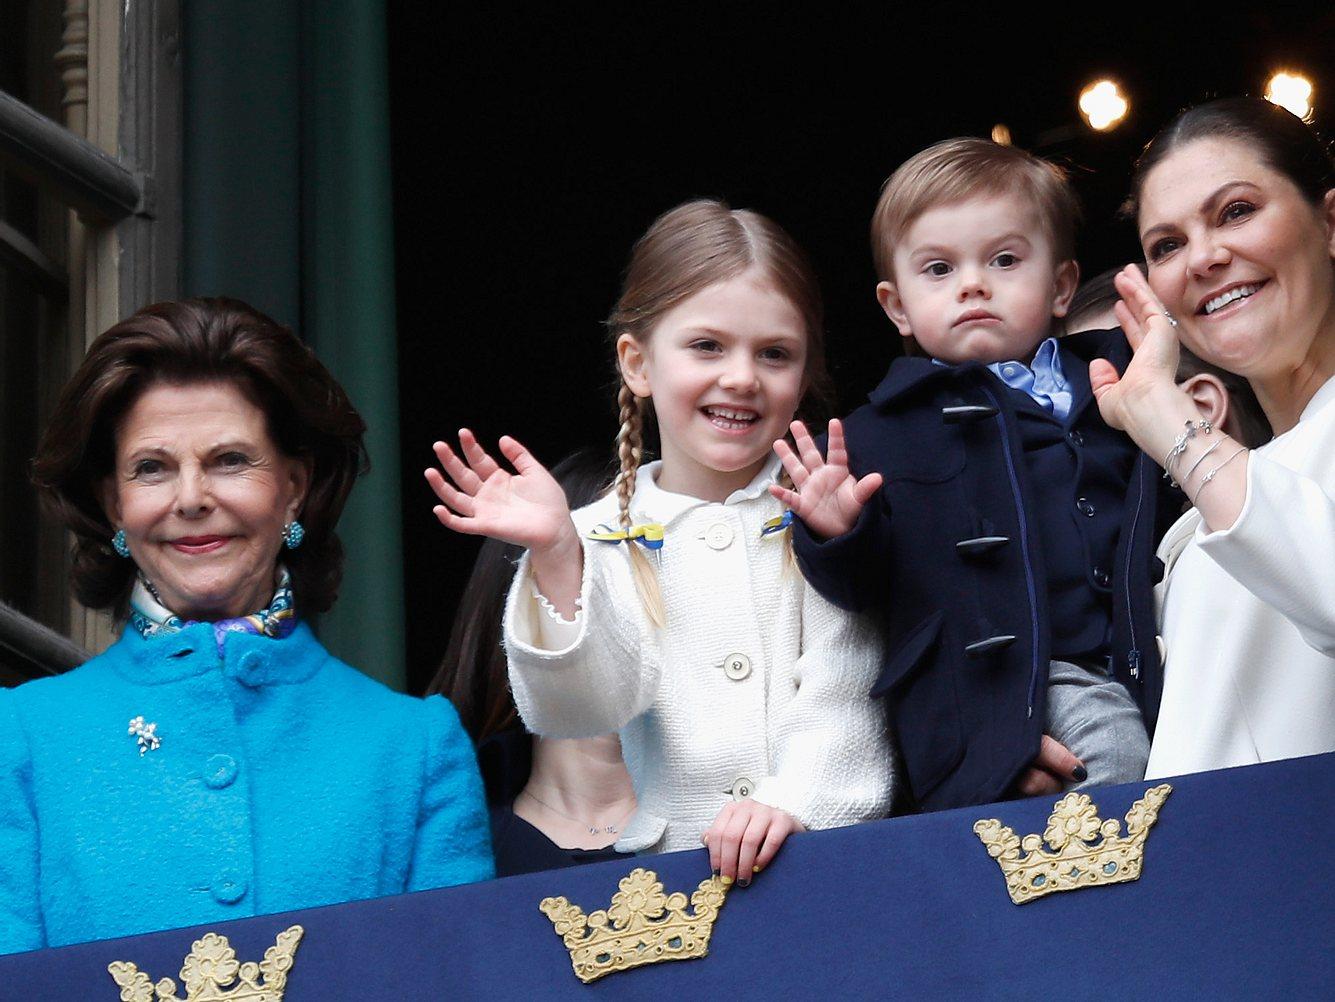 Königin Silvia mit ihrer Tochter Prinzessin Victoria und den Kindern der Kronprinzessin.